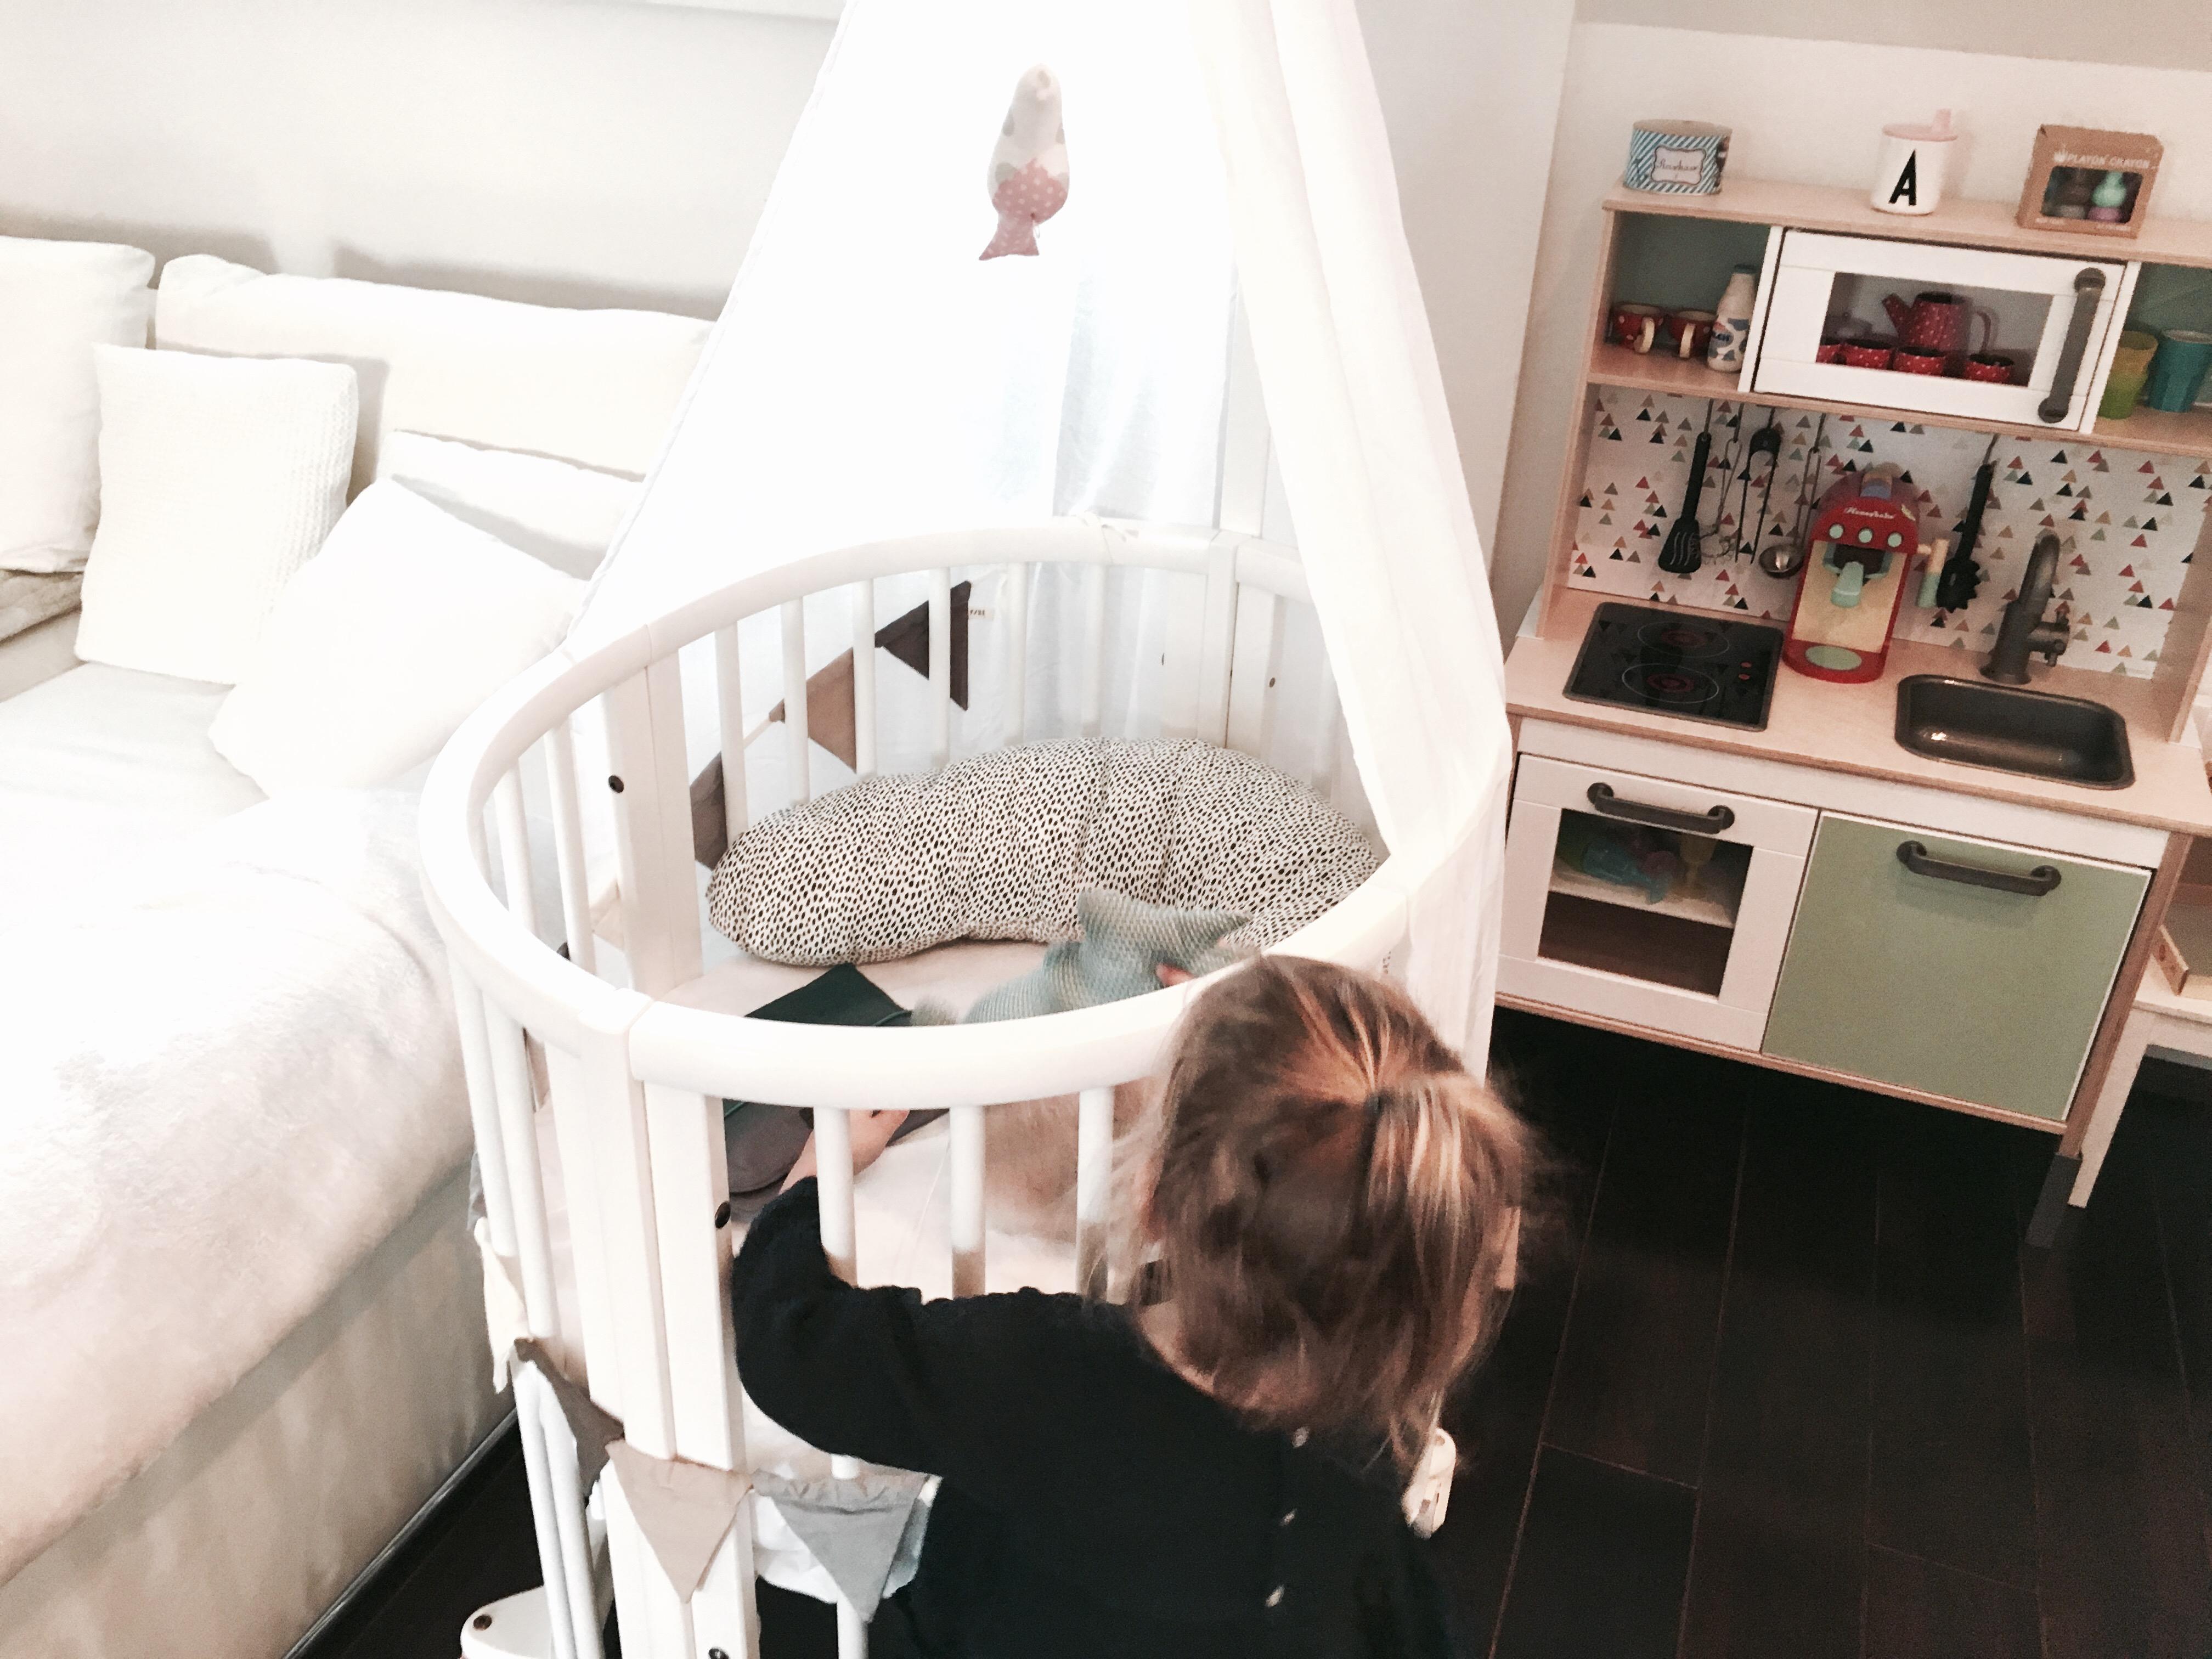 Kinderbett stubenwagen oder beistellbett sorgen für guten schlaf